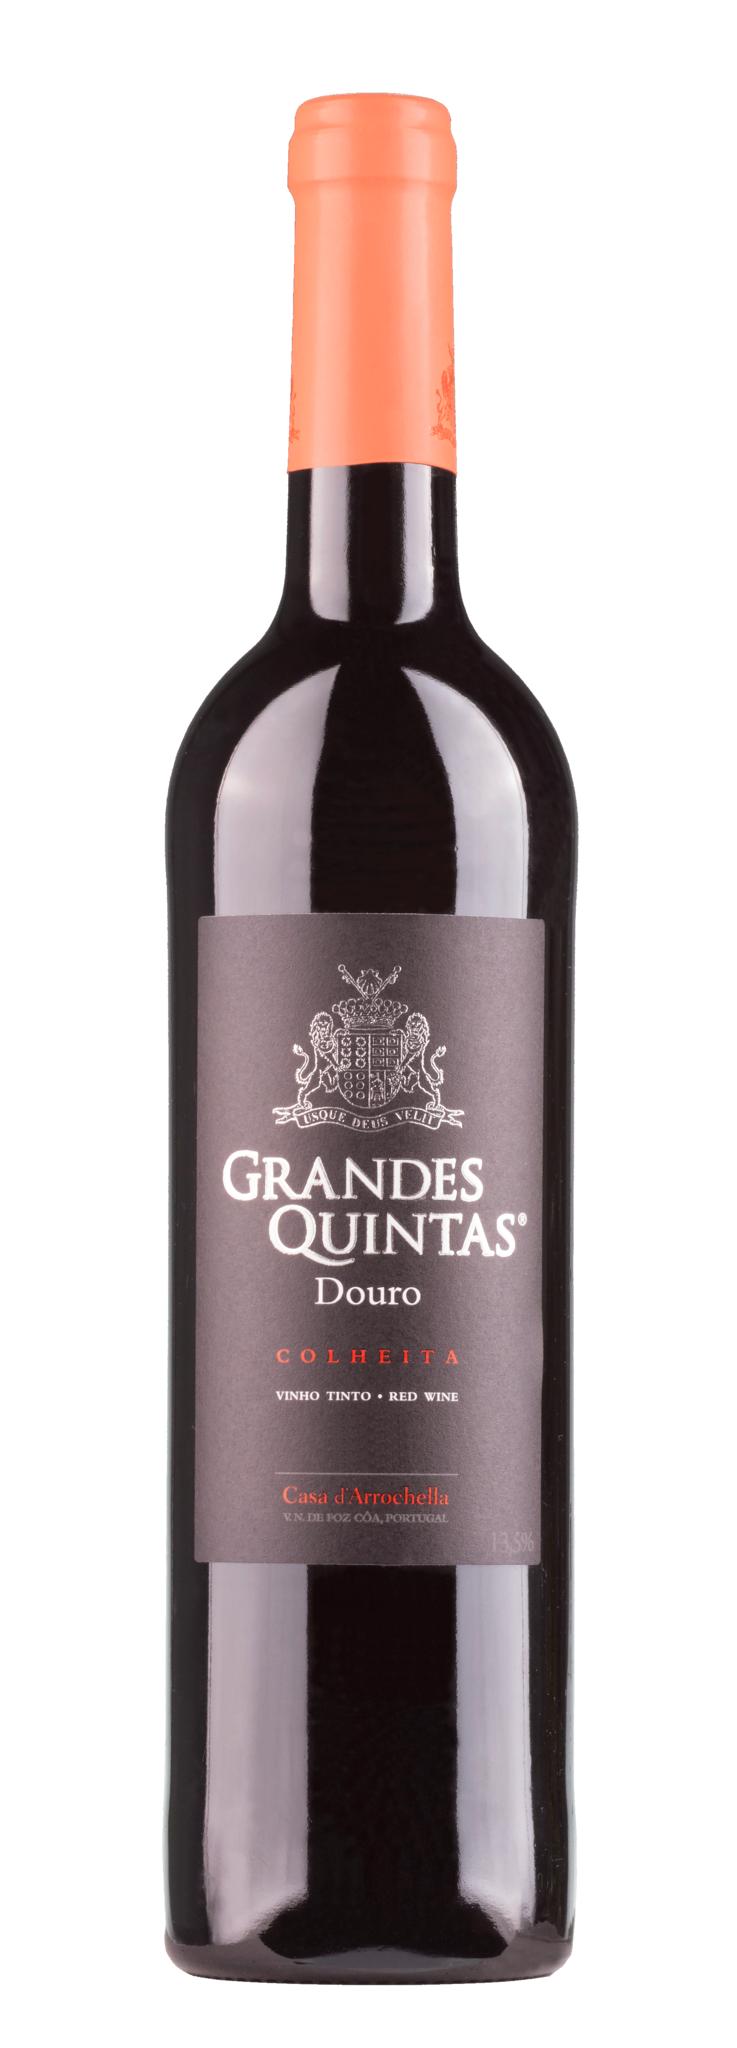 Portugal Diverse 2017 Douro Grandes Quintas, Casa d'Arrochella